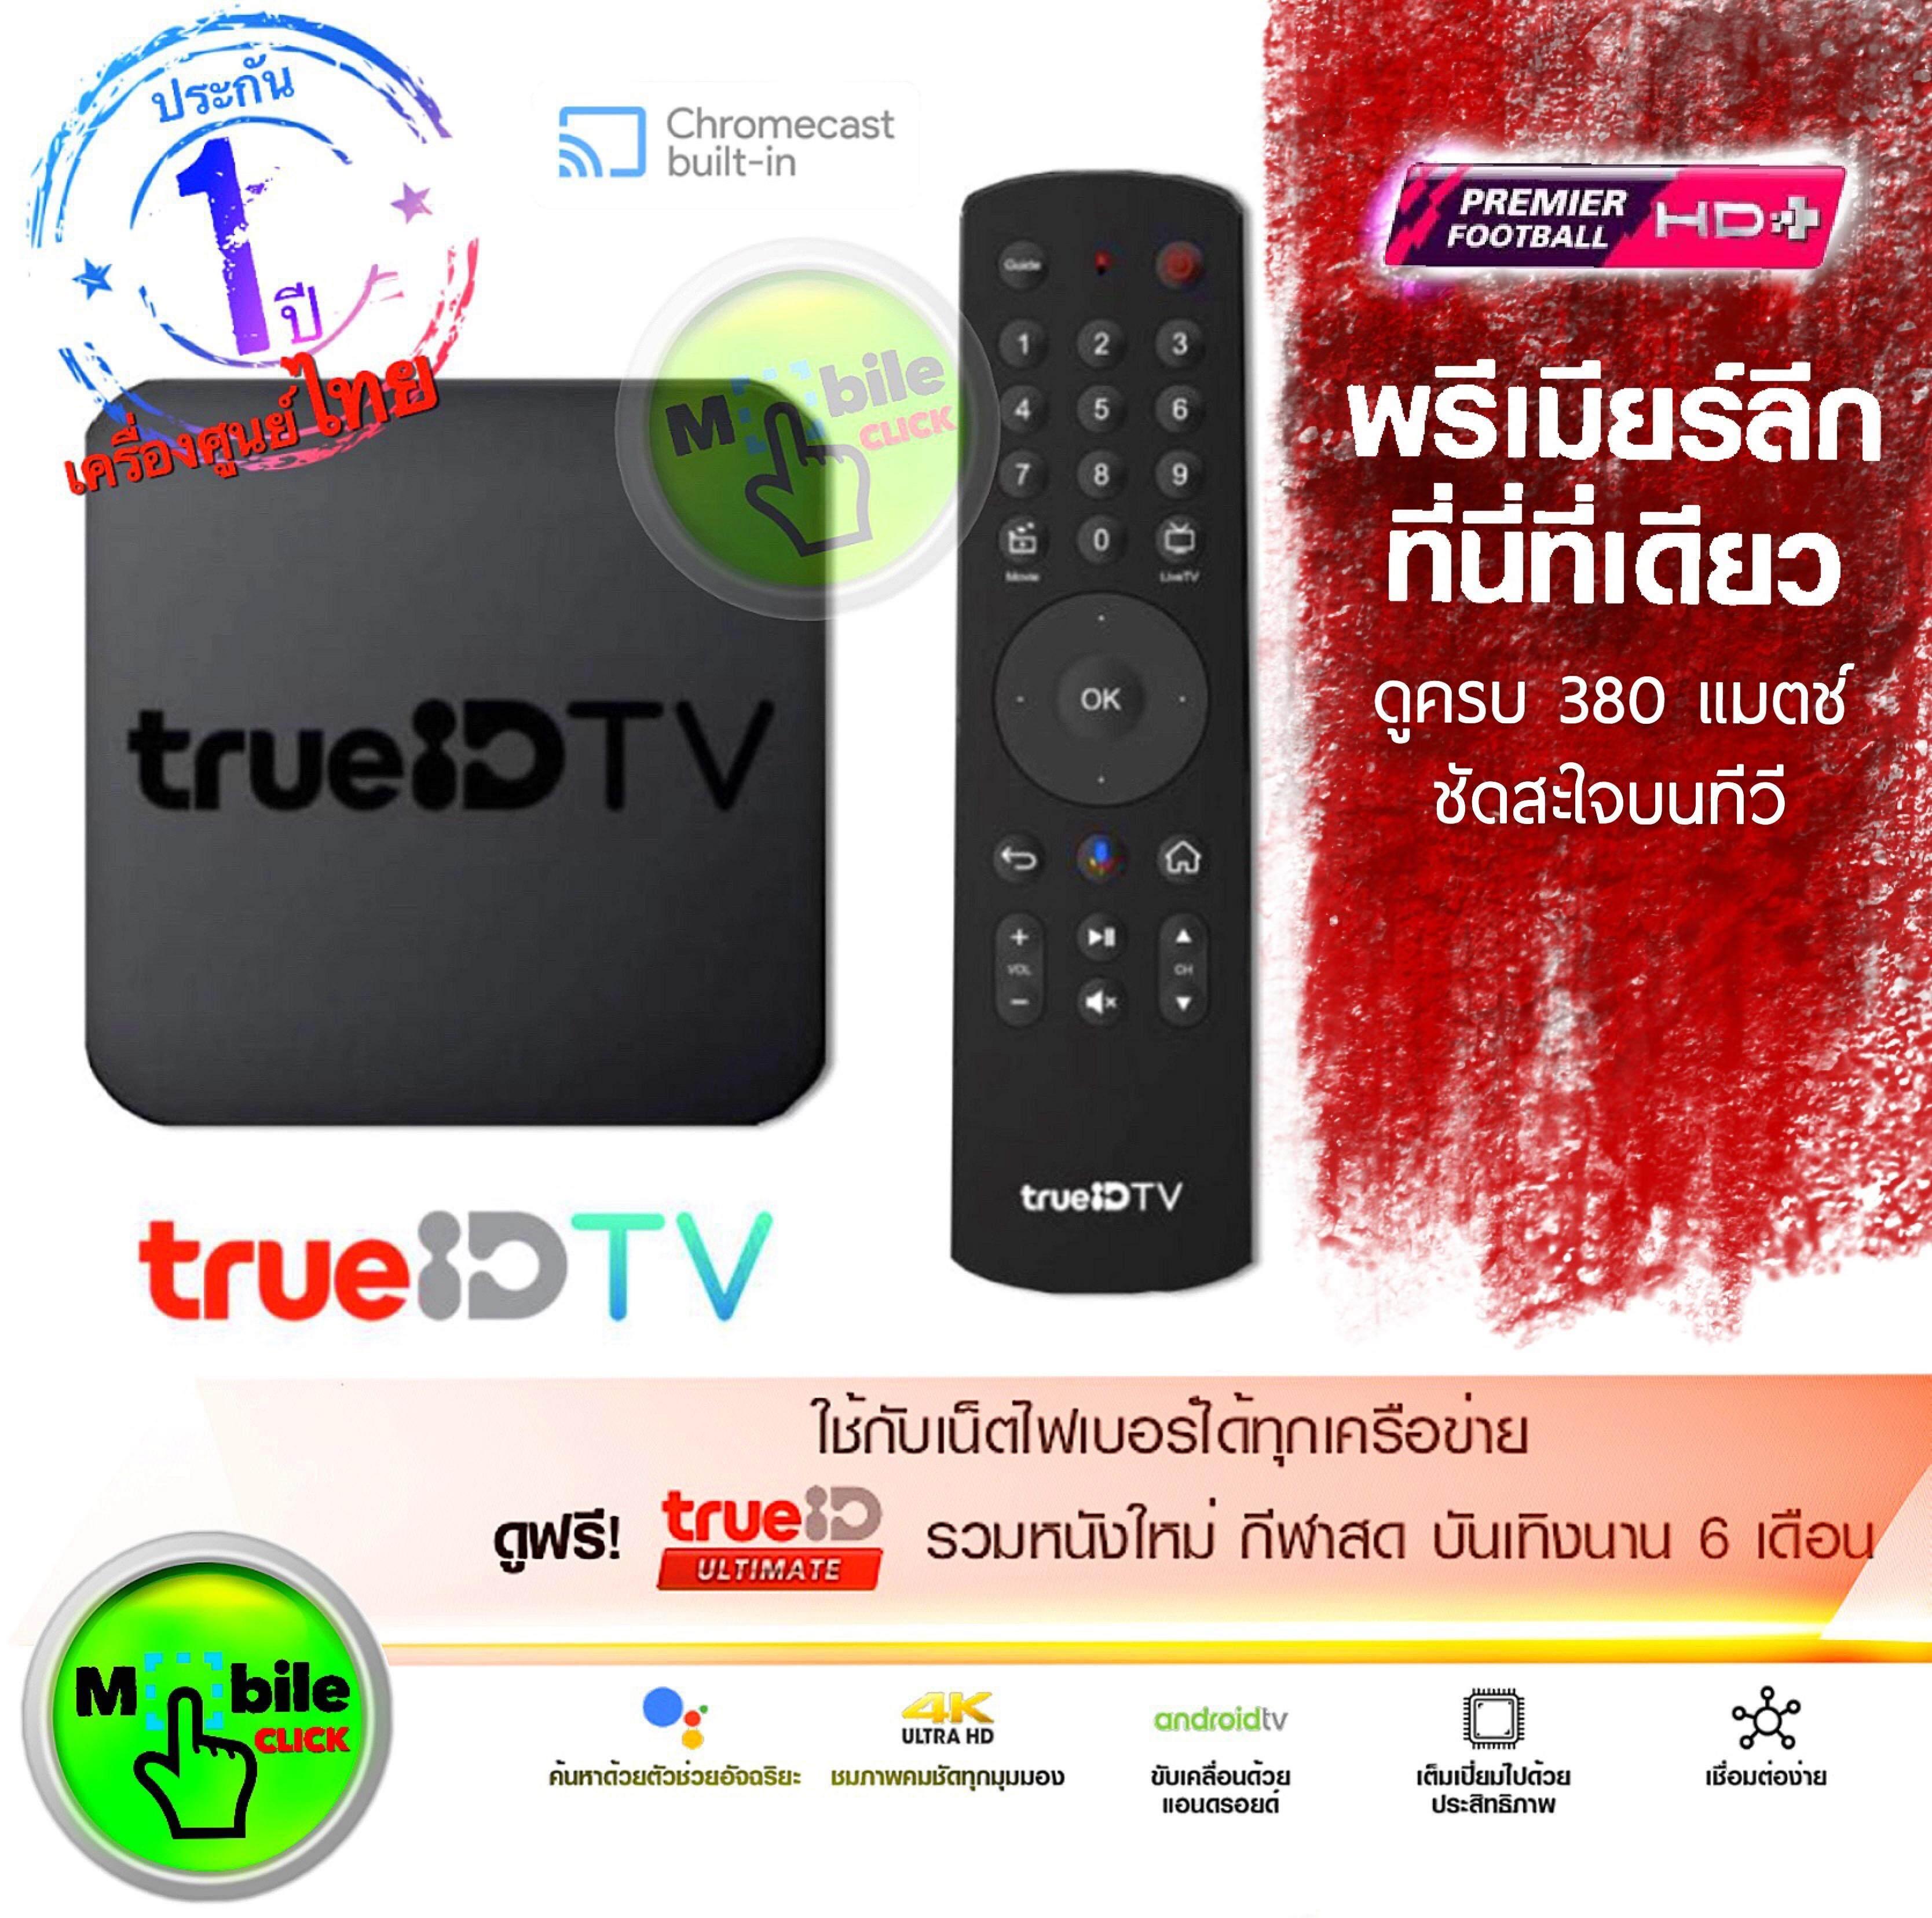 ดีไหม  แม่ฮ่องสอน ดูบอลพรีเมียร์ ดูหนังด้วย กล่องทรูไอดี ทีวี(TrueID TV) สุดยอด Android TV Box